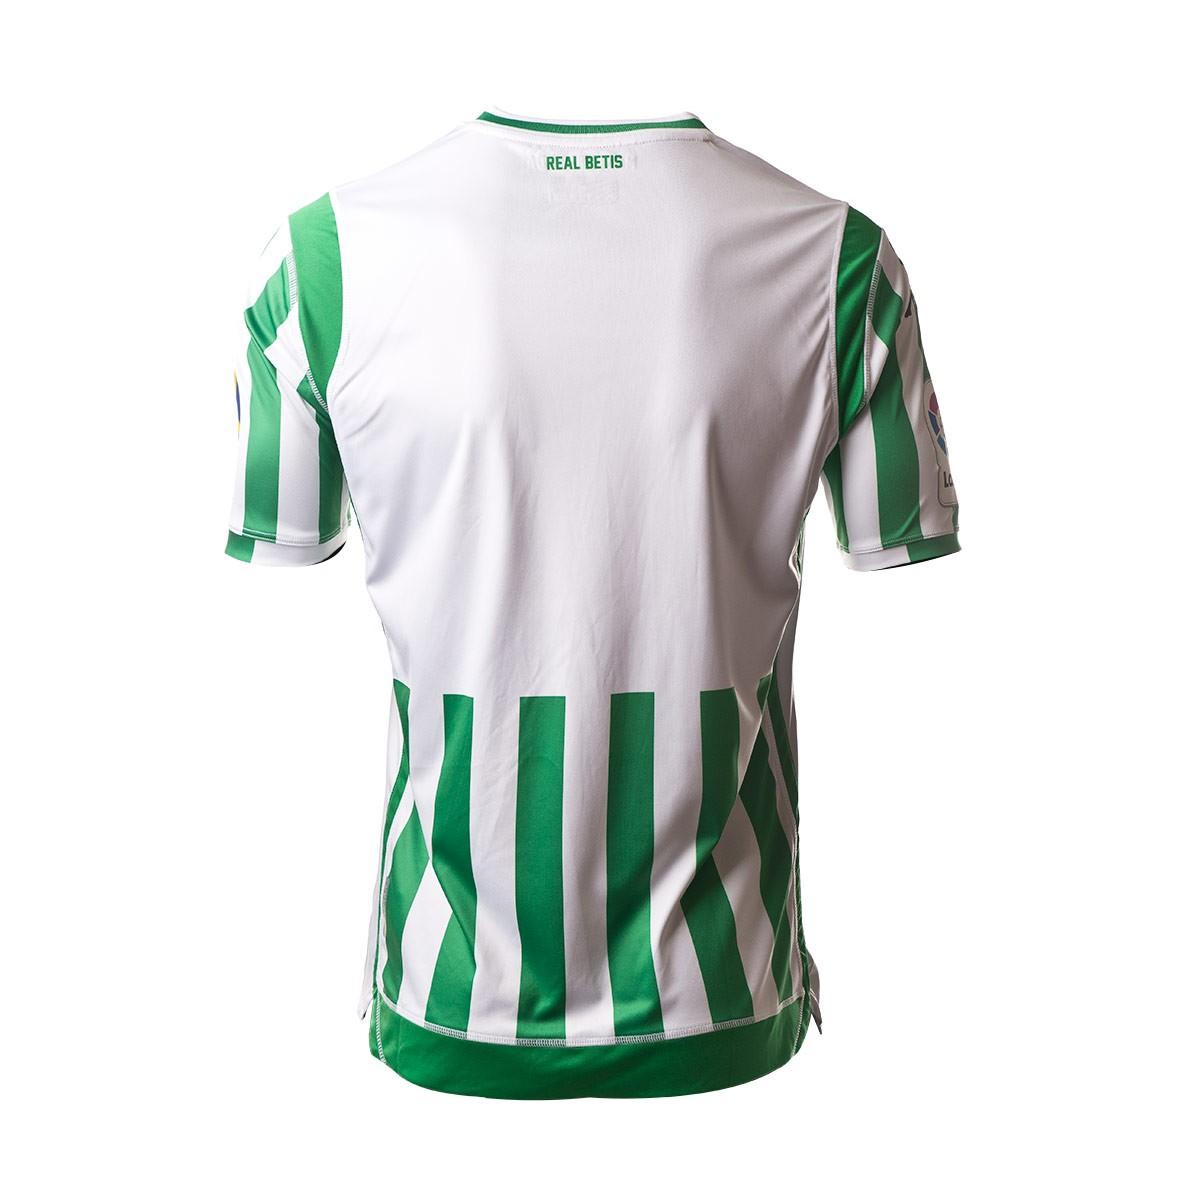 ... Camiseta Real Betis Balompié Primera Equipación 2018-2019 Niño  White-Green. CATEGORIA c1b513e2f9d97